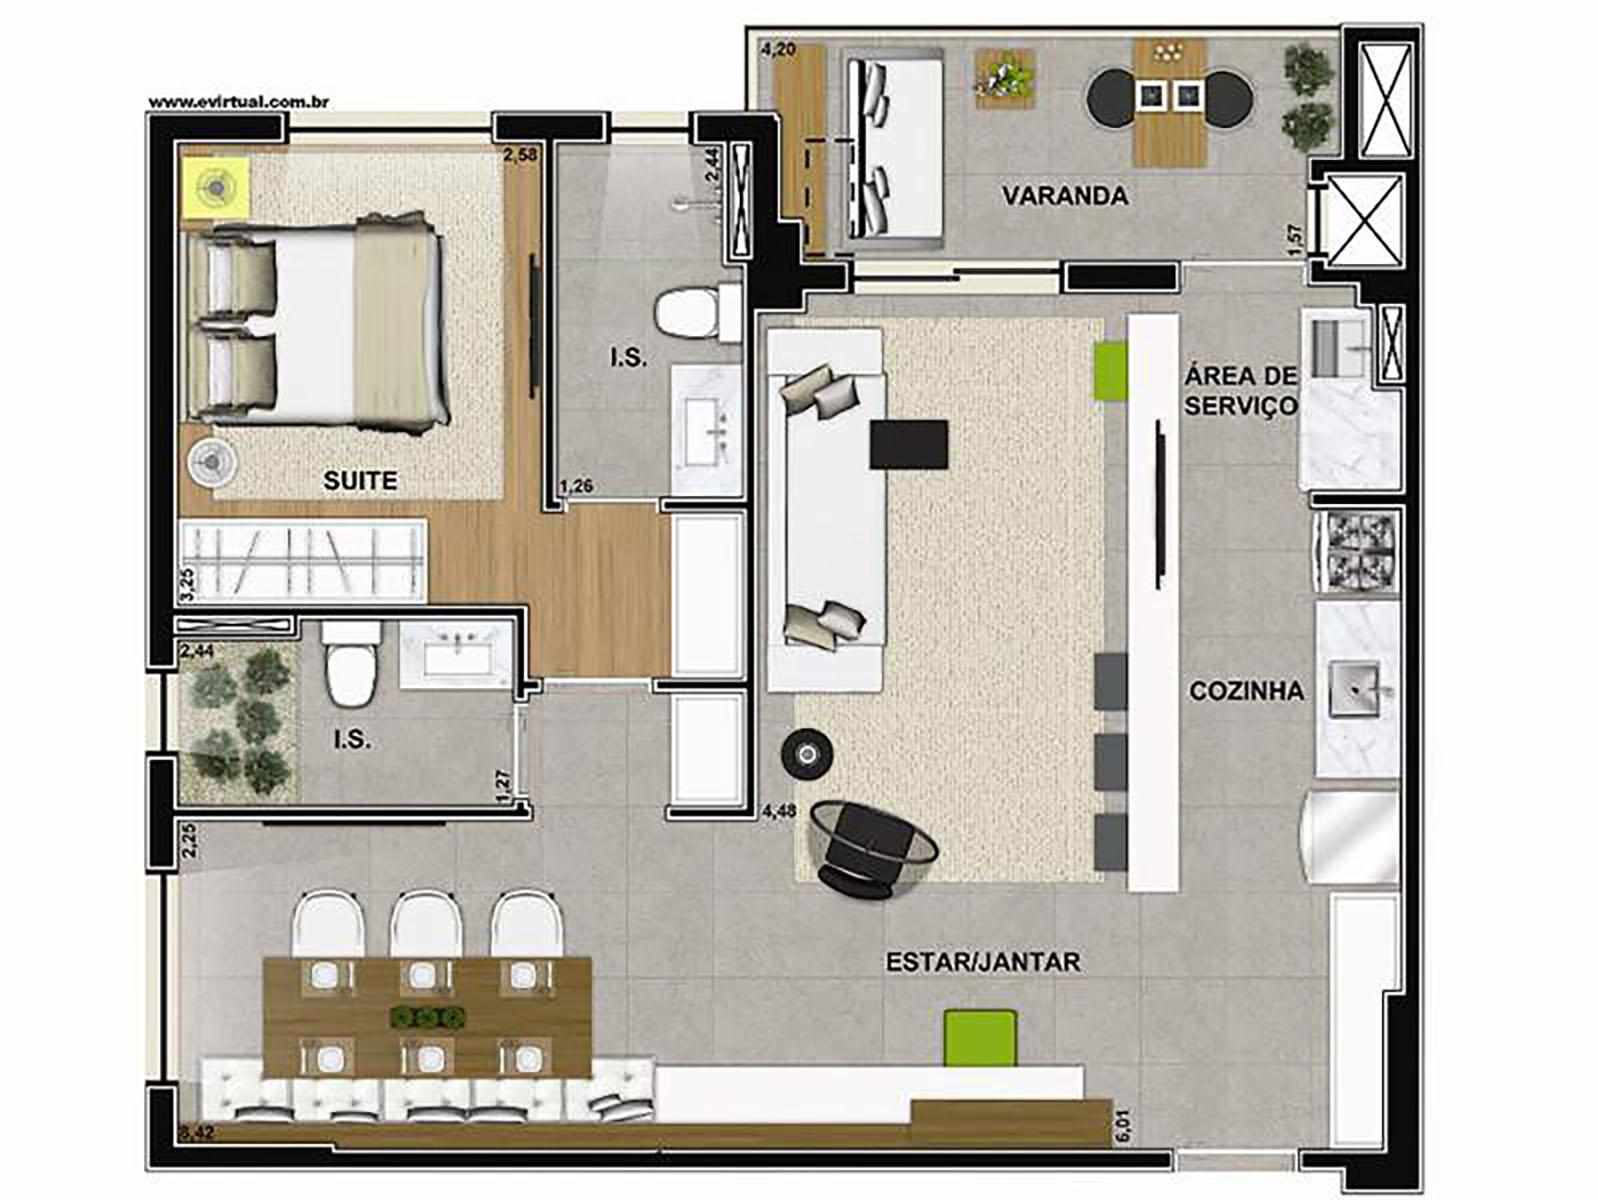 Ilustração Artística da Planta de 67 m² com 1 dorm. e Sala Ampliada Vega to Live